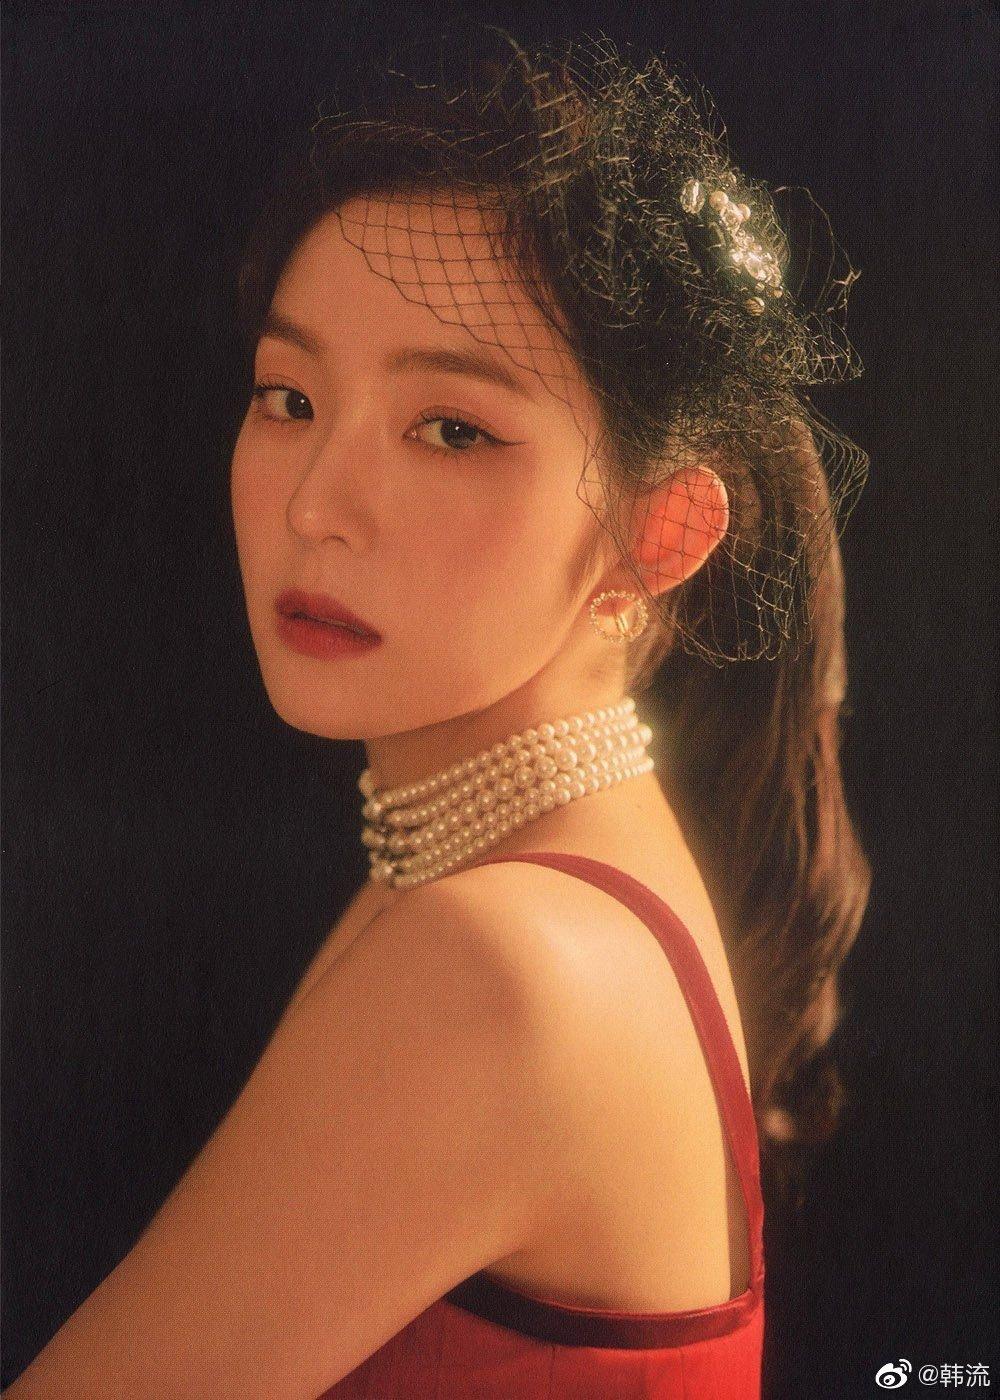 [Red Velvet][分享]191120 RedVelvet五人五色,世界名画级别的美貌